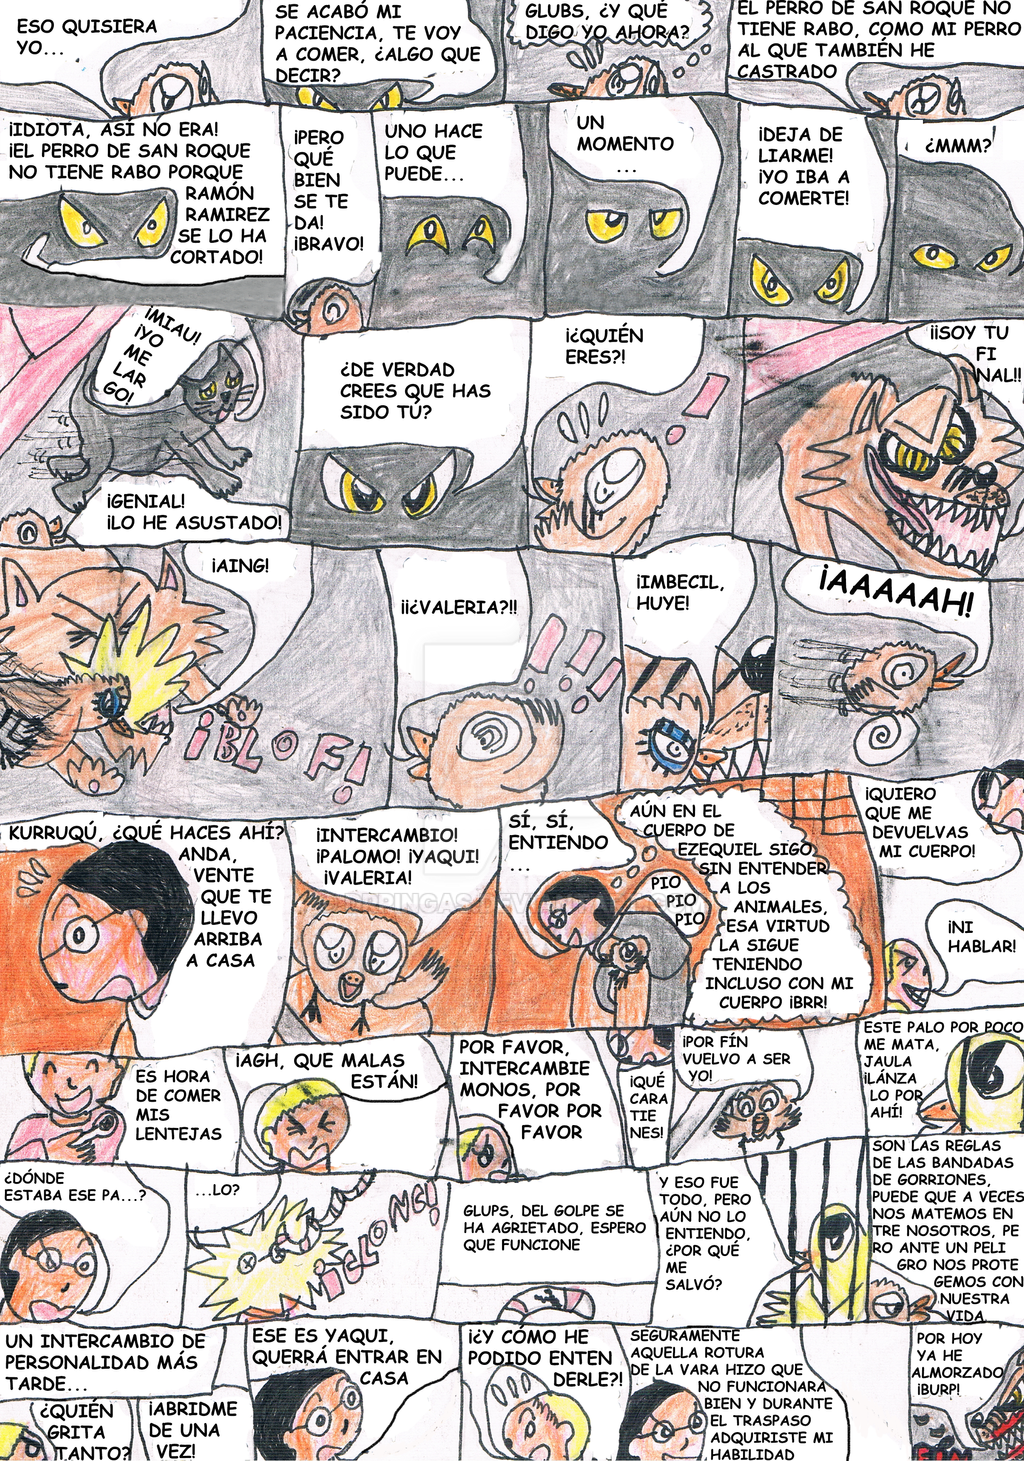 Intercambio de cerebros [Pag 7] by DrPingas